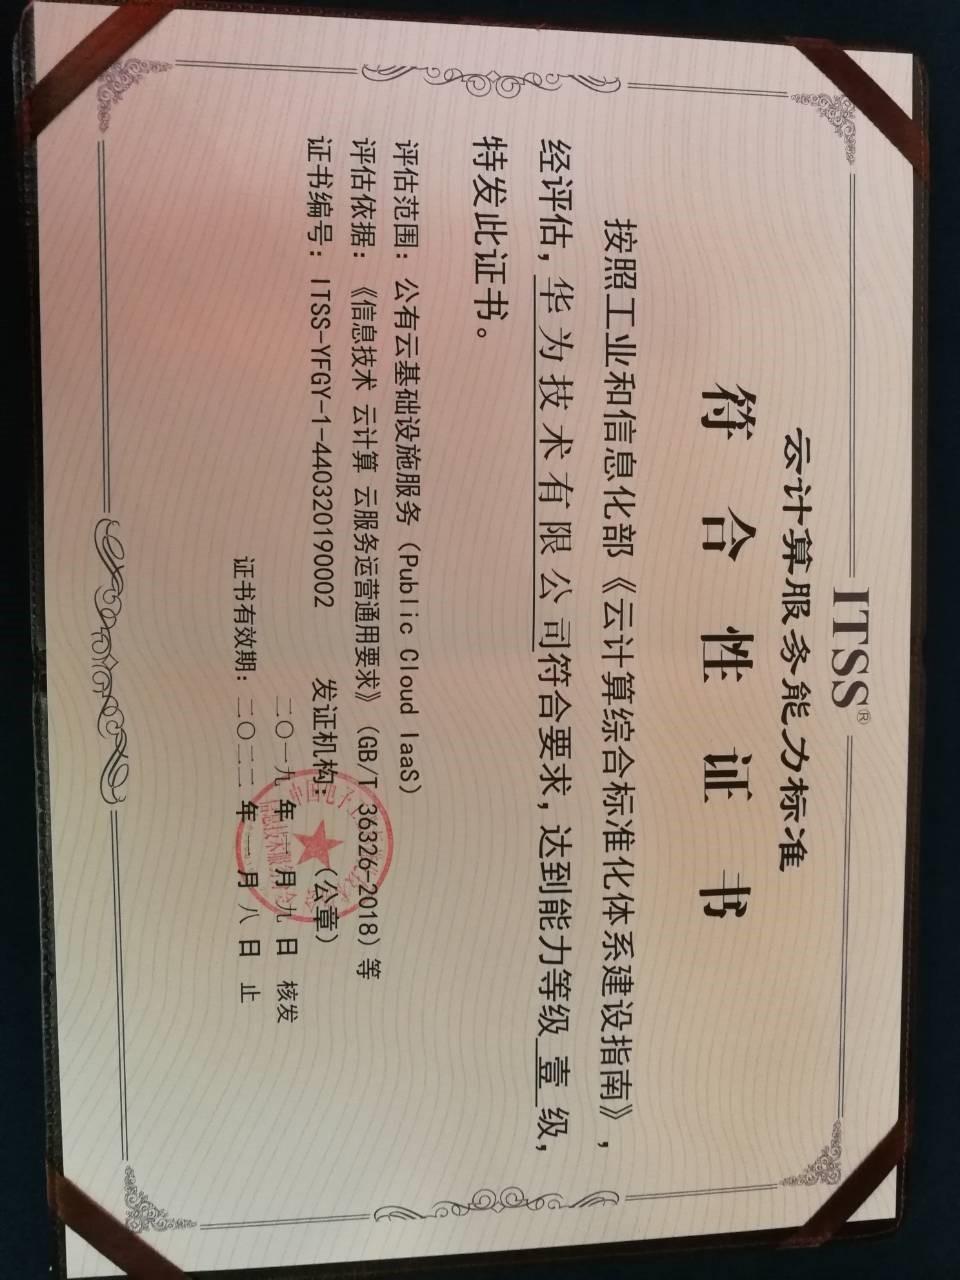 华为云基础设施服务再获权威认证:ITSS云计算服务能力一级